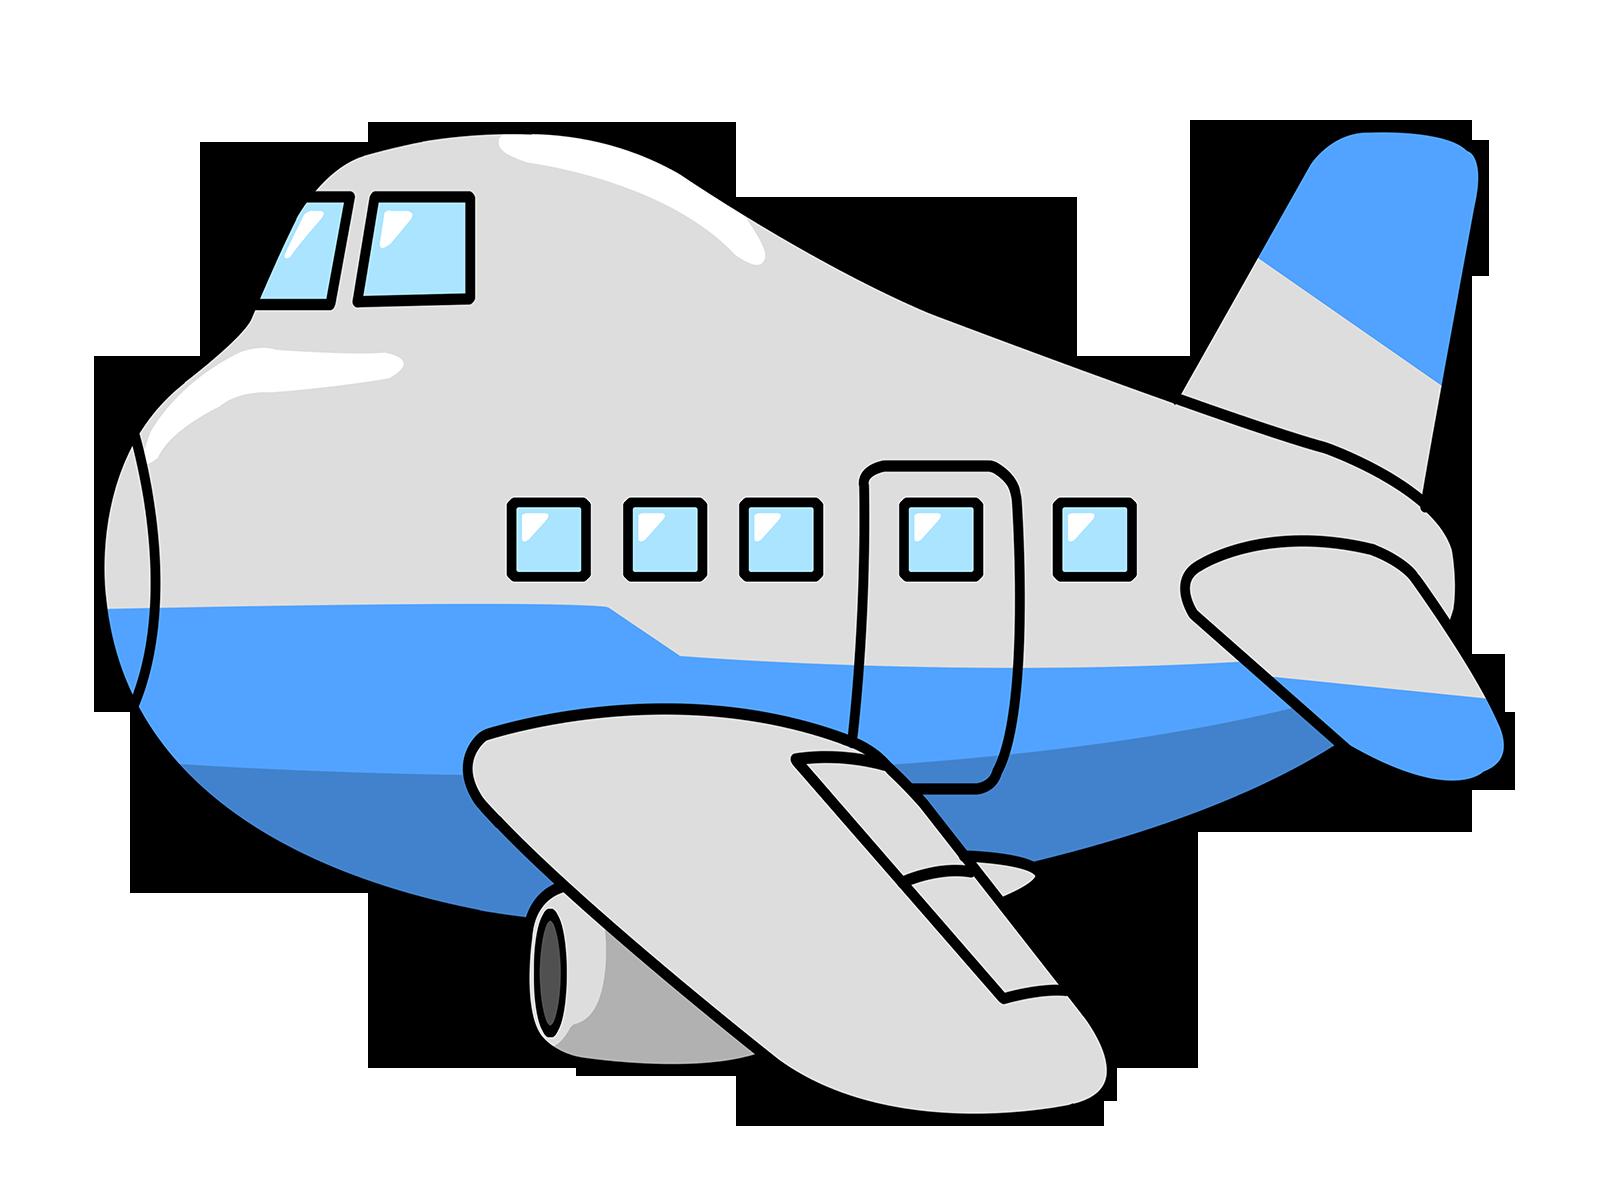 Clipart Airplane-clipart airplane-8